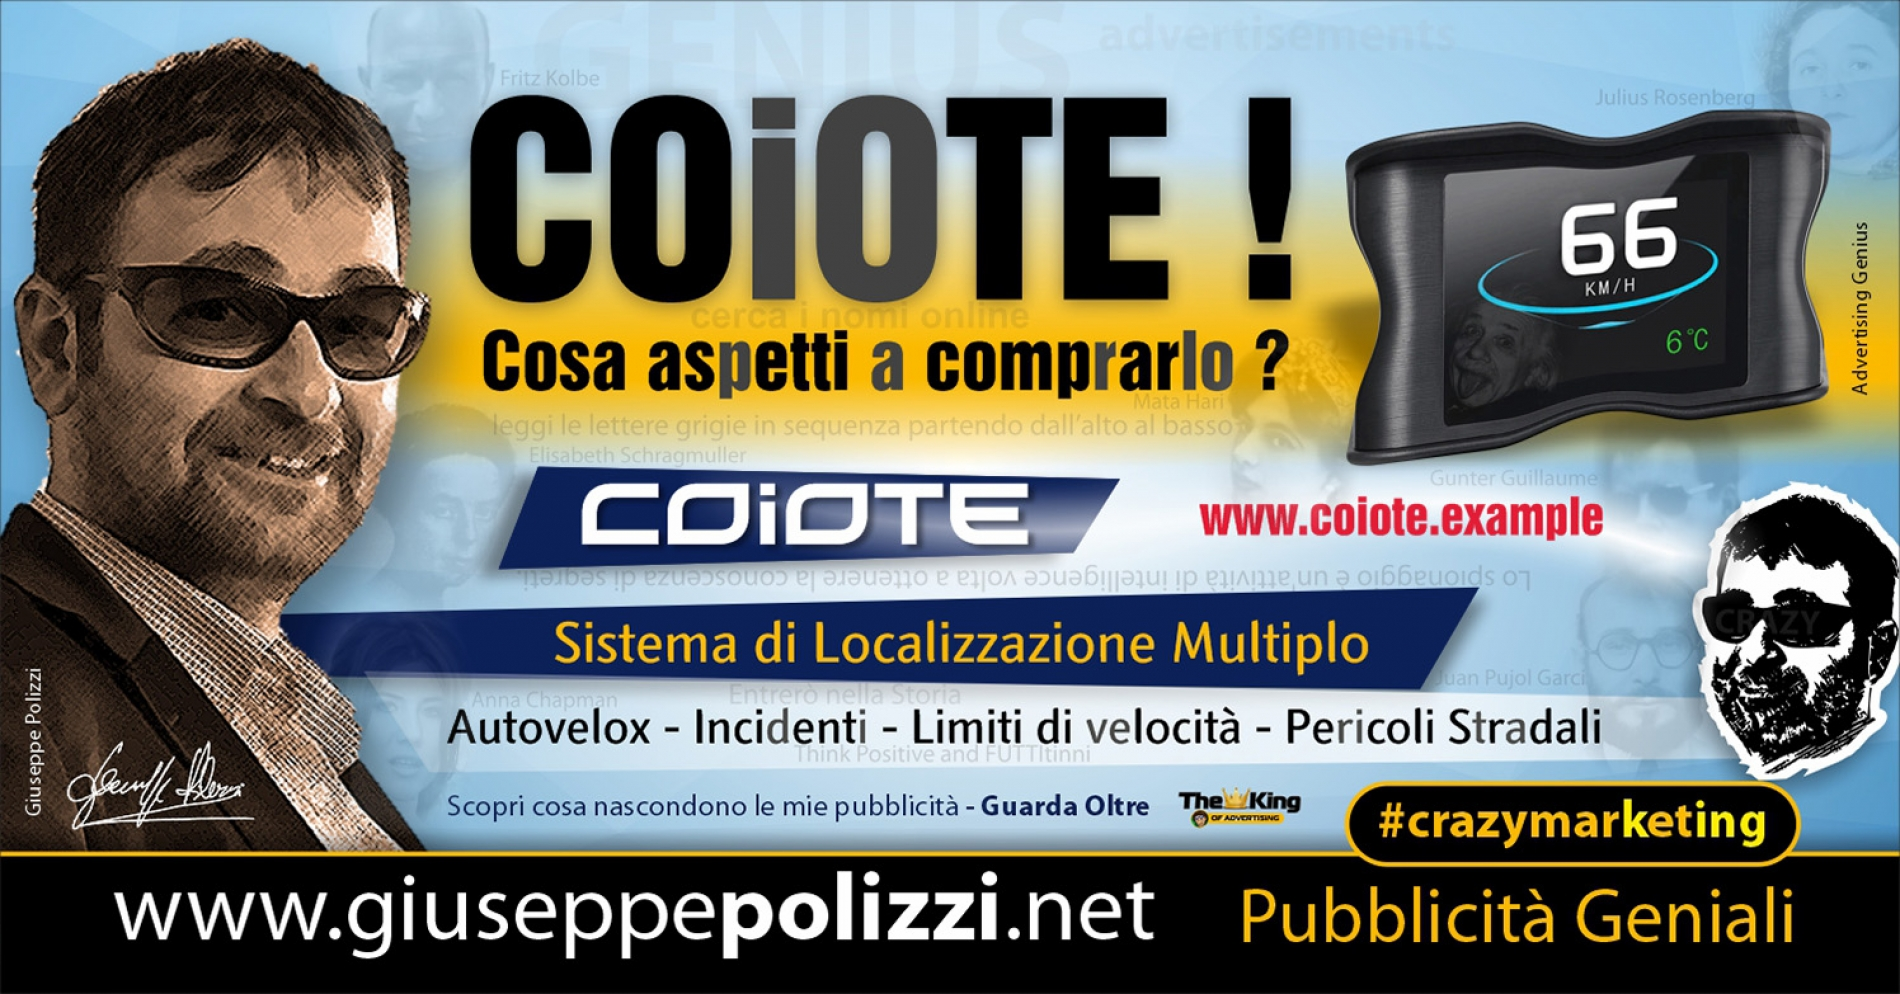 Giuseppe Polizzi Crazymarketing COIOTE Pubblicità geniali